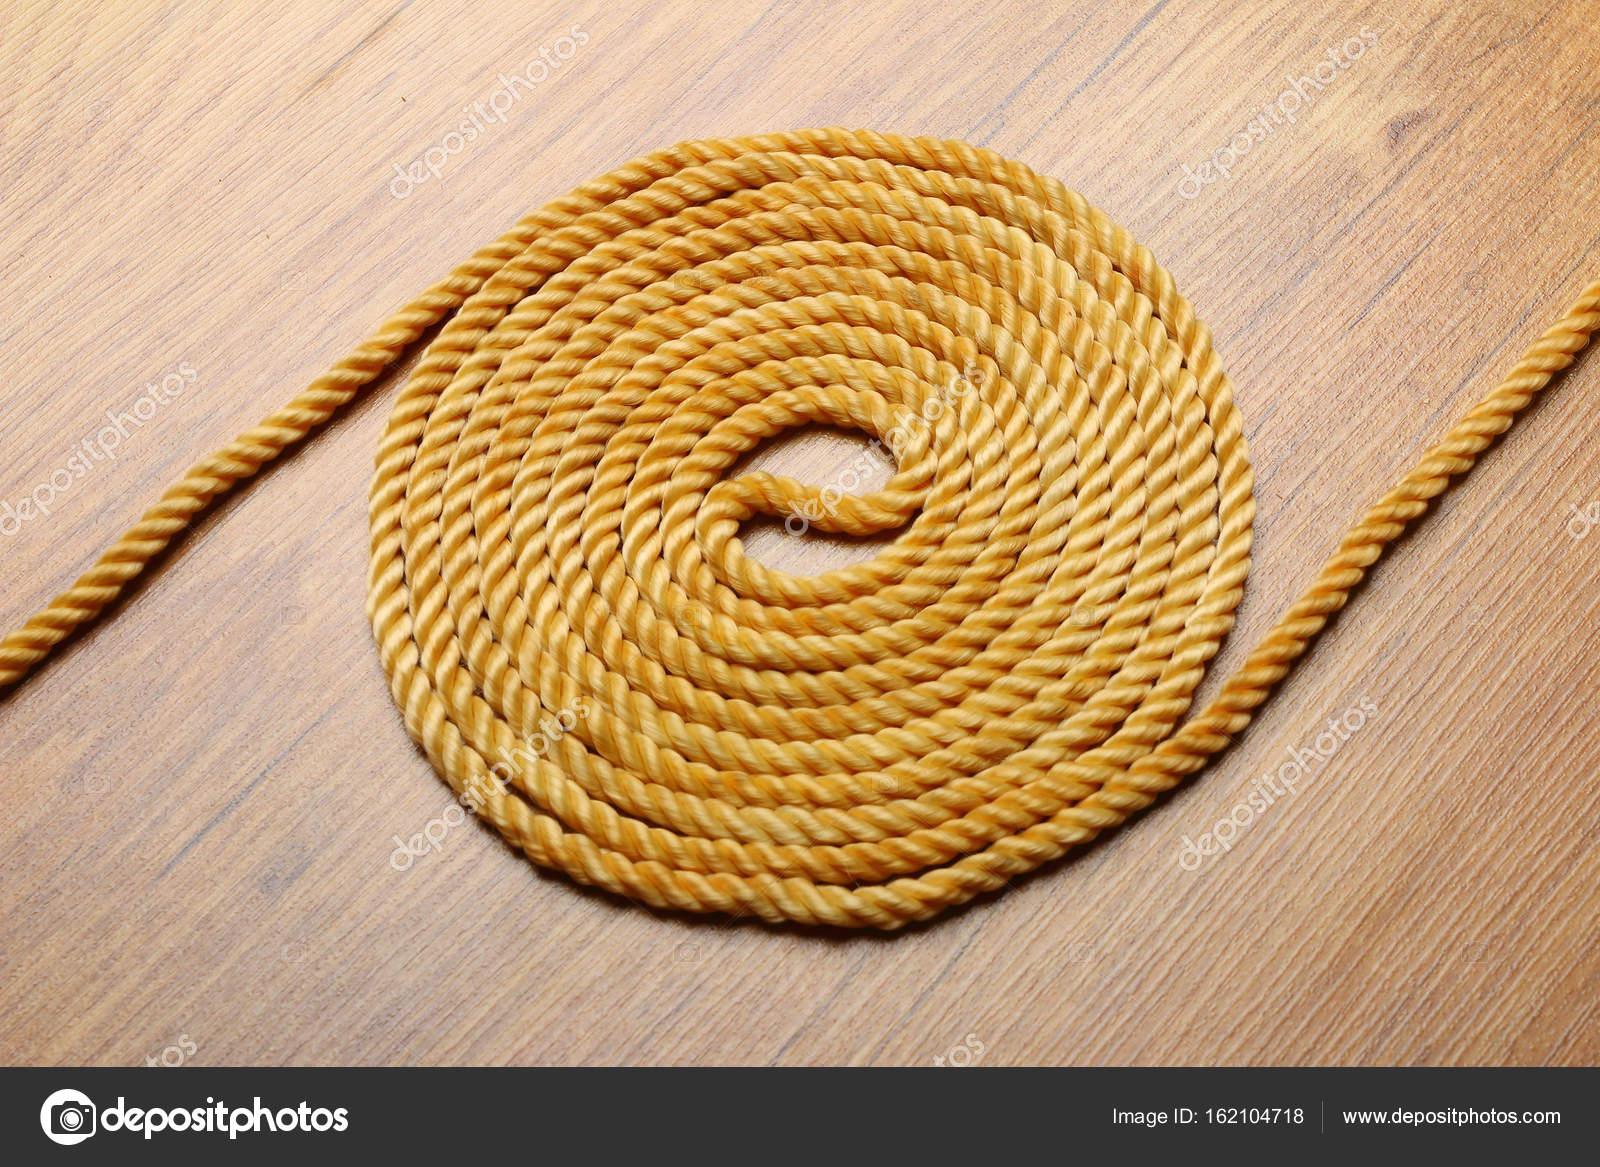 bola de cuerda de camo en placa de madera foto de stock - Cuerda De Caamo